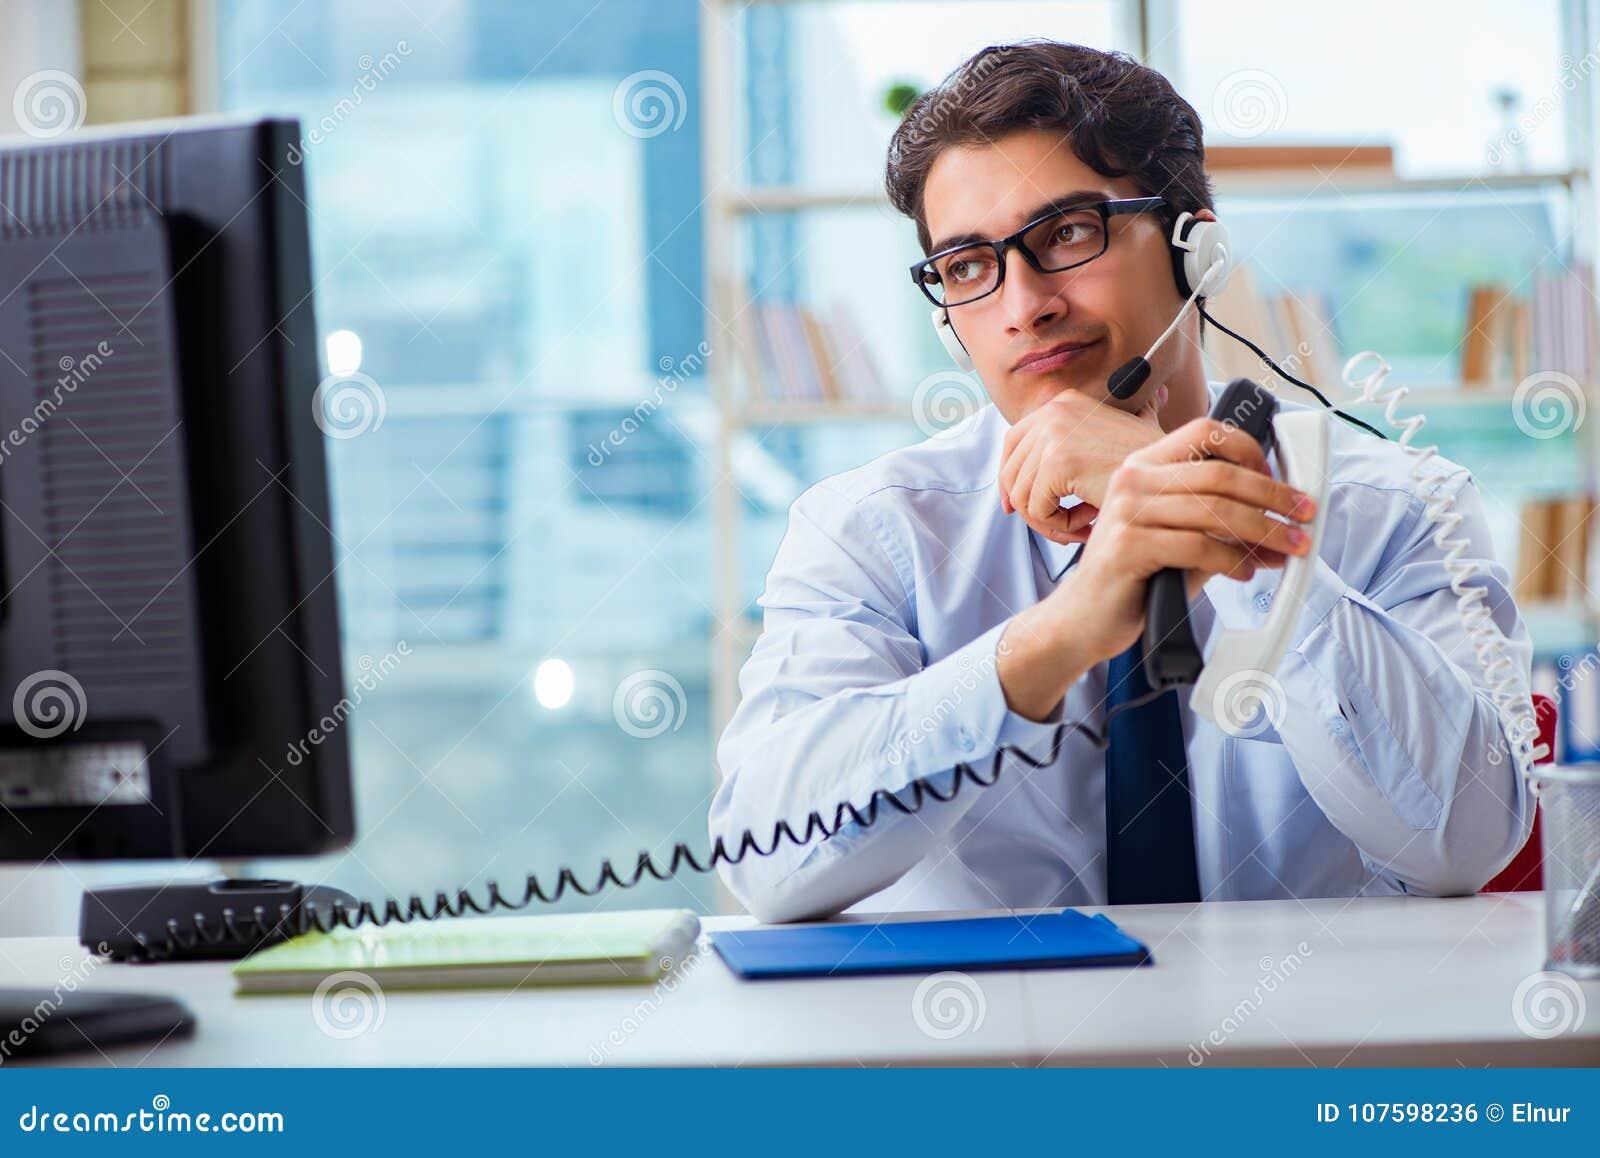 Die unglückliche verärgerte Call-Center-Arbeitskraft frustriert mit Arbeitsbelastung